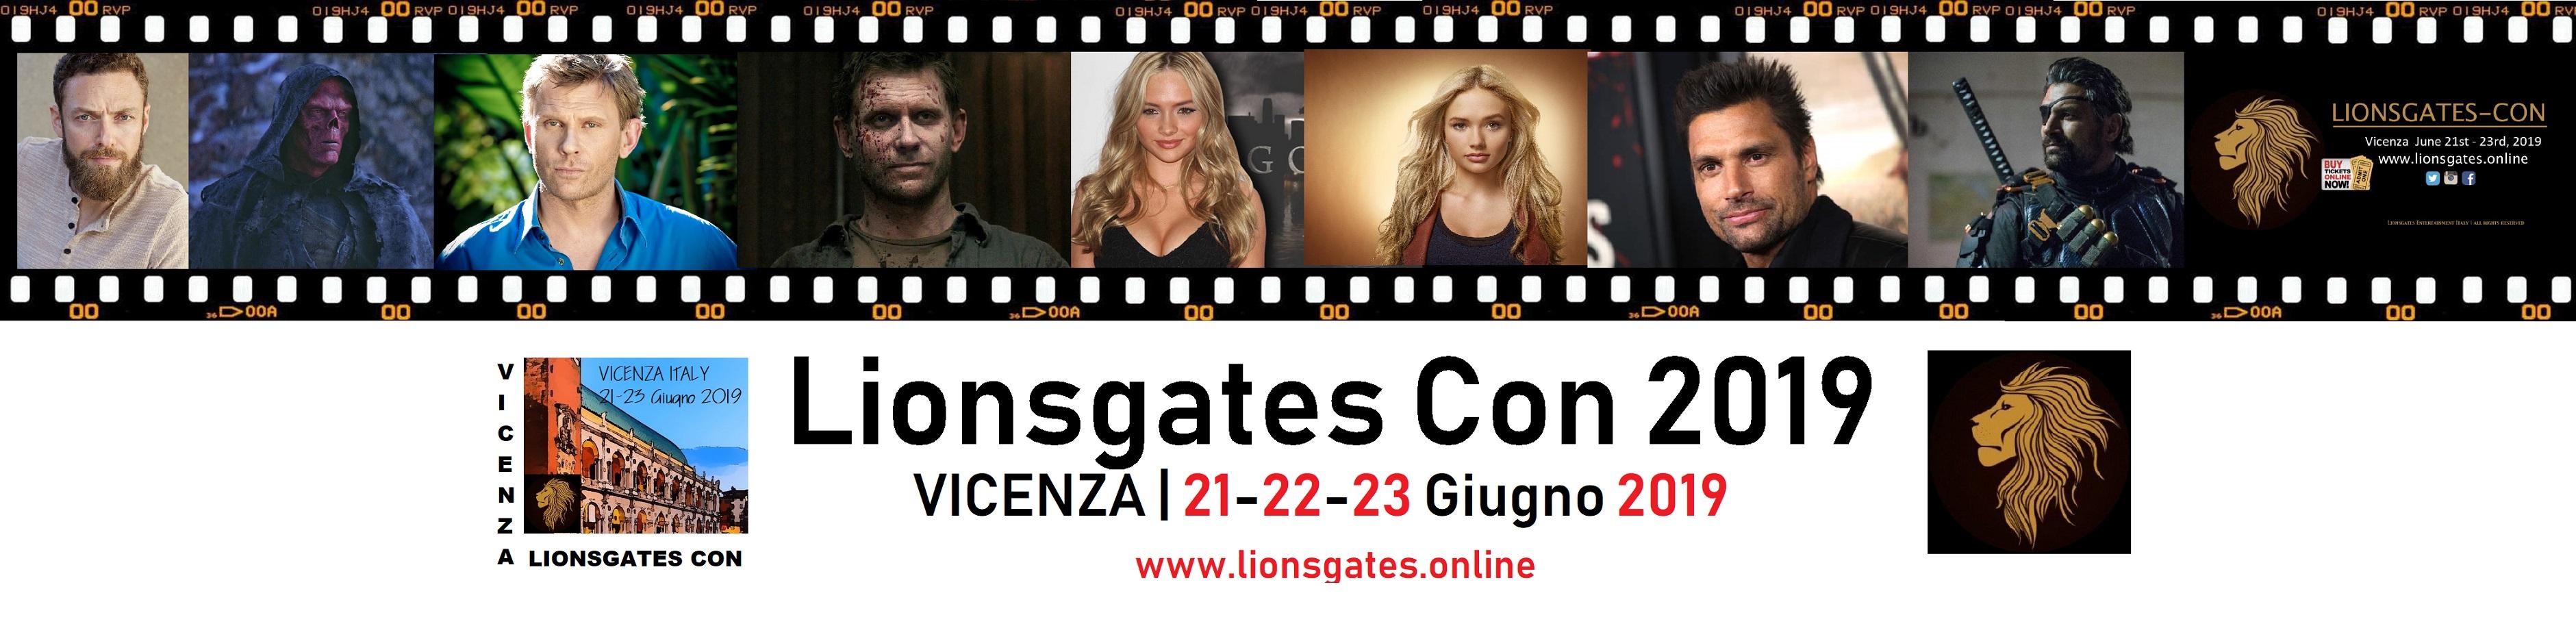 Lionsgates Con 2019: dal 21 al 23 Giugno a Vicenza